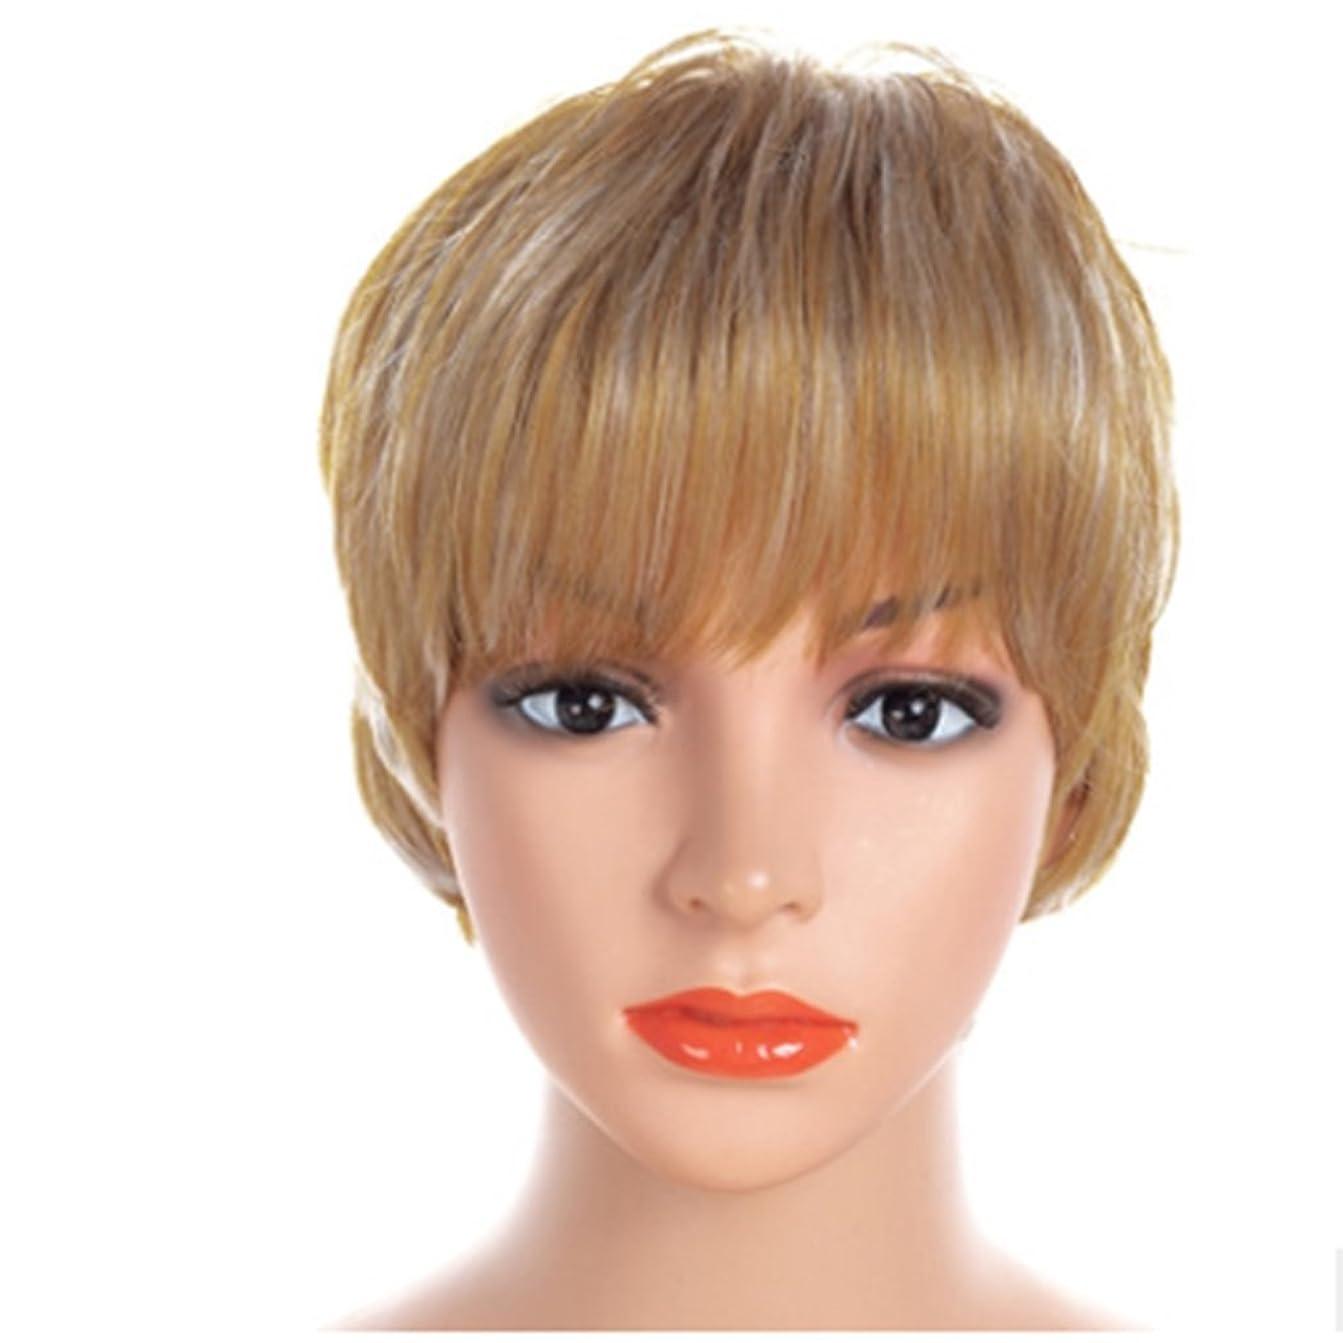 バスメリー応答Doyvanntgo ゴールドストレートウィッグ-30cmストレートショートウィッグ傾斜またはフラット合成日常のウィッグ女性のための自然な本物のヘア (Color : Gold)